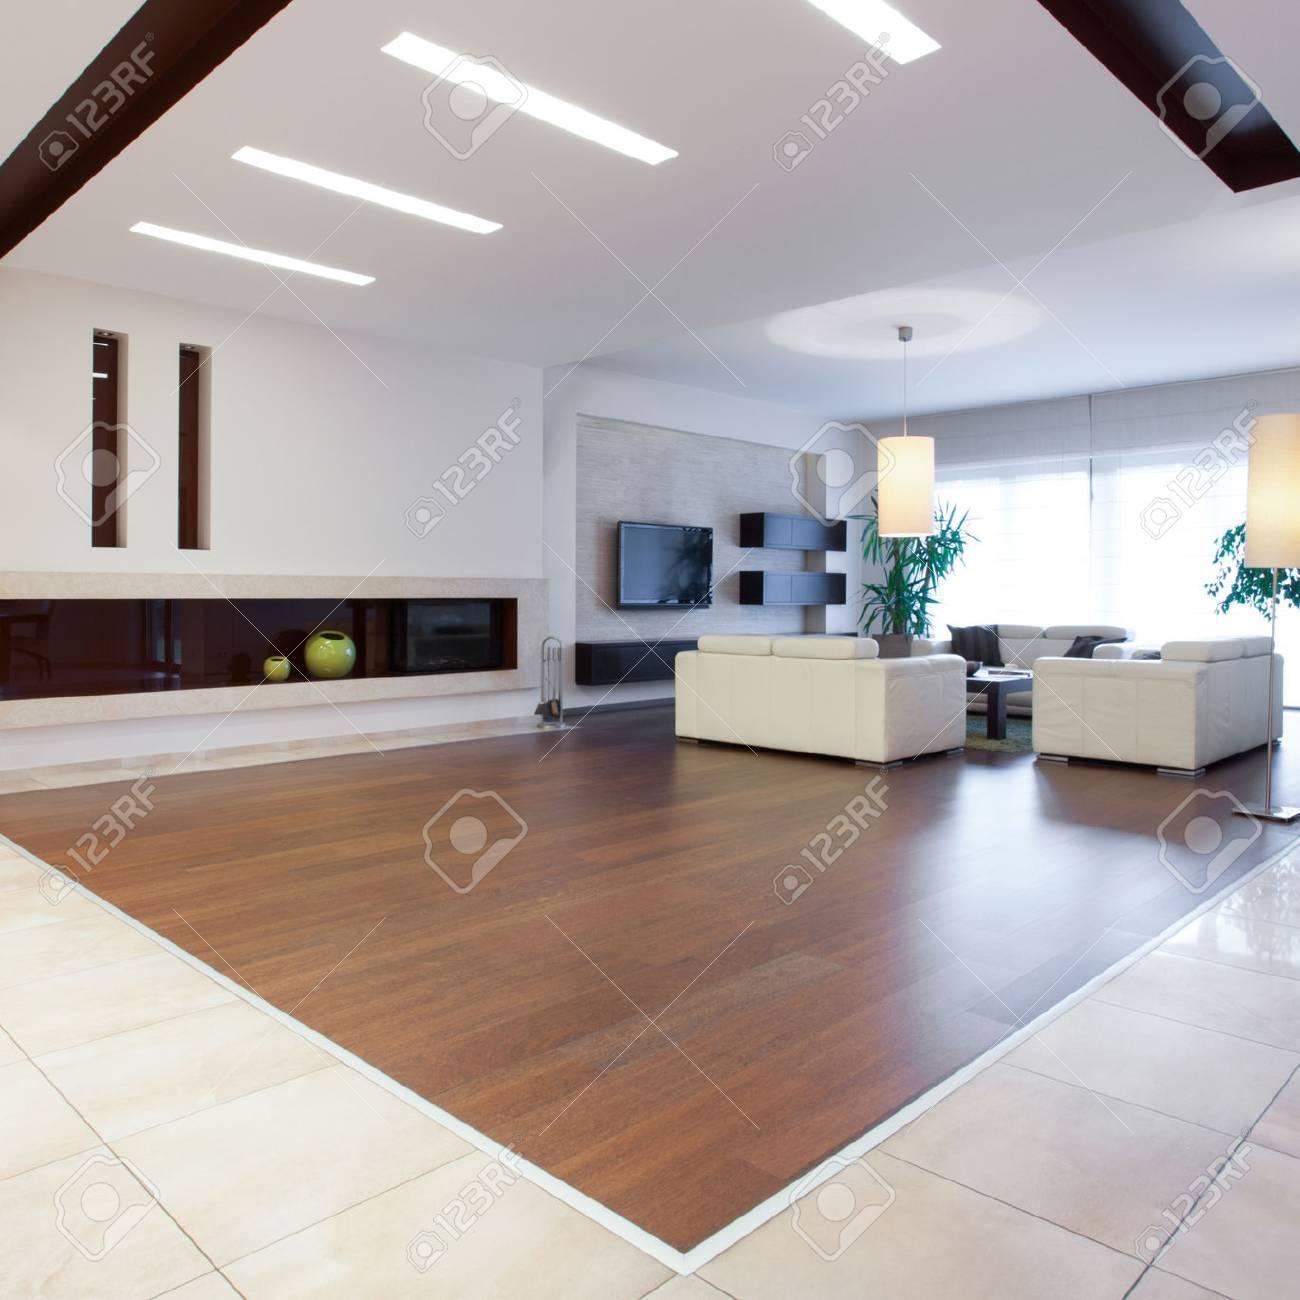 foto von riesigen haus mit einem grossen hellen wohnzimmer